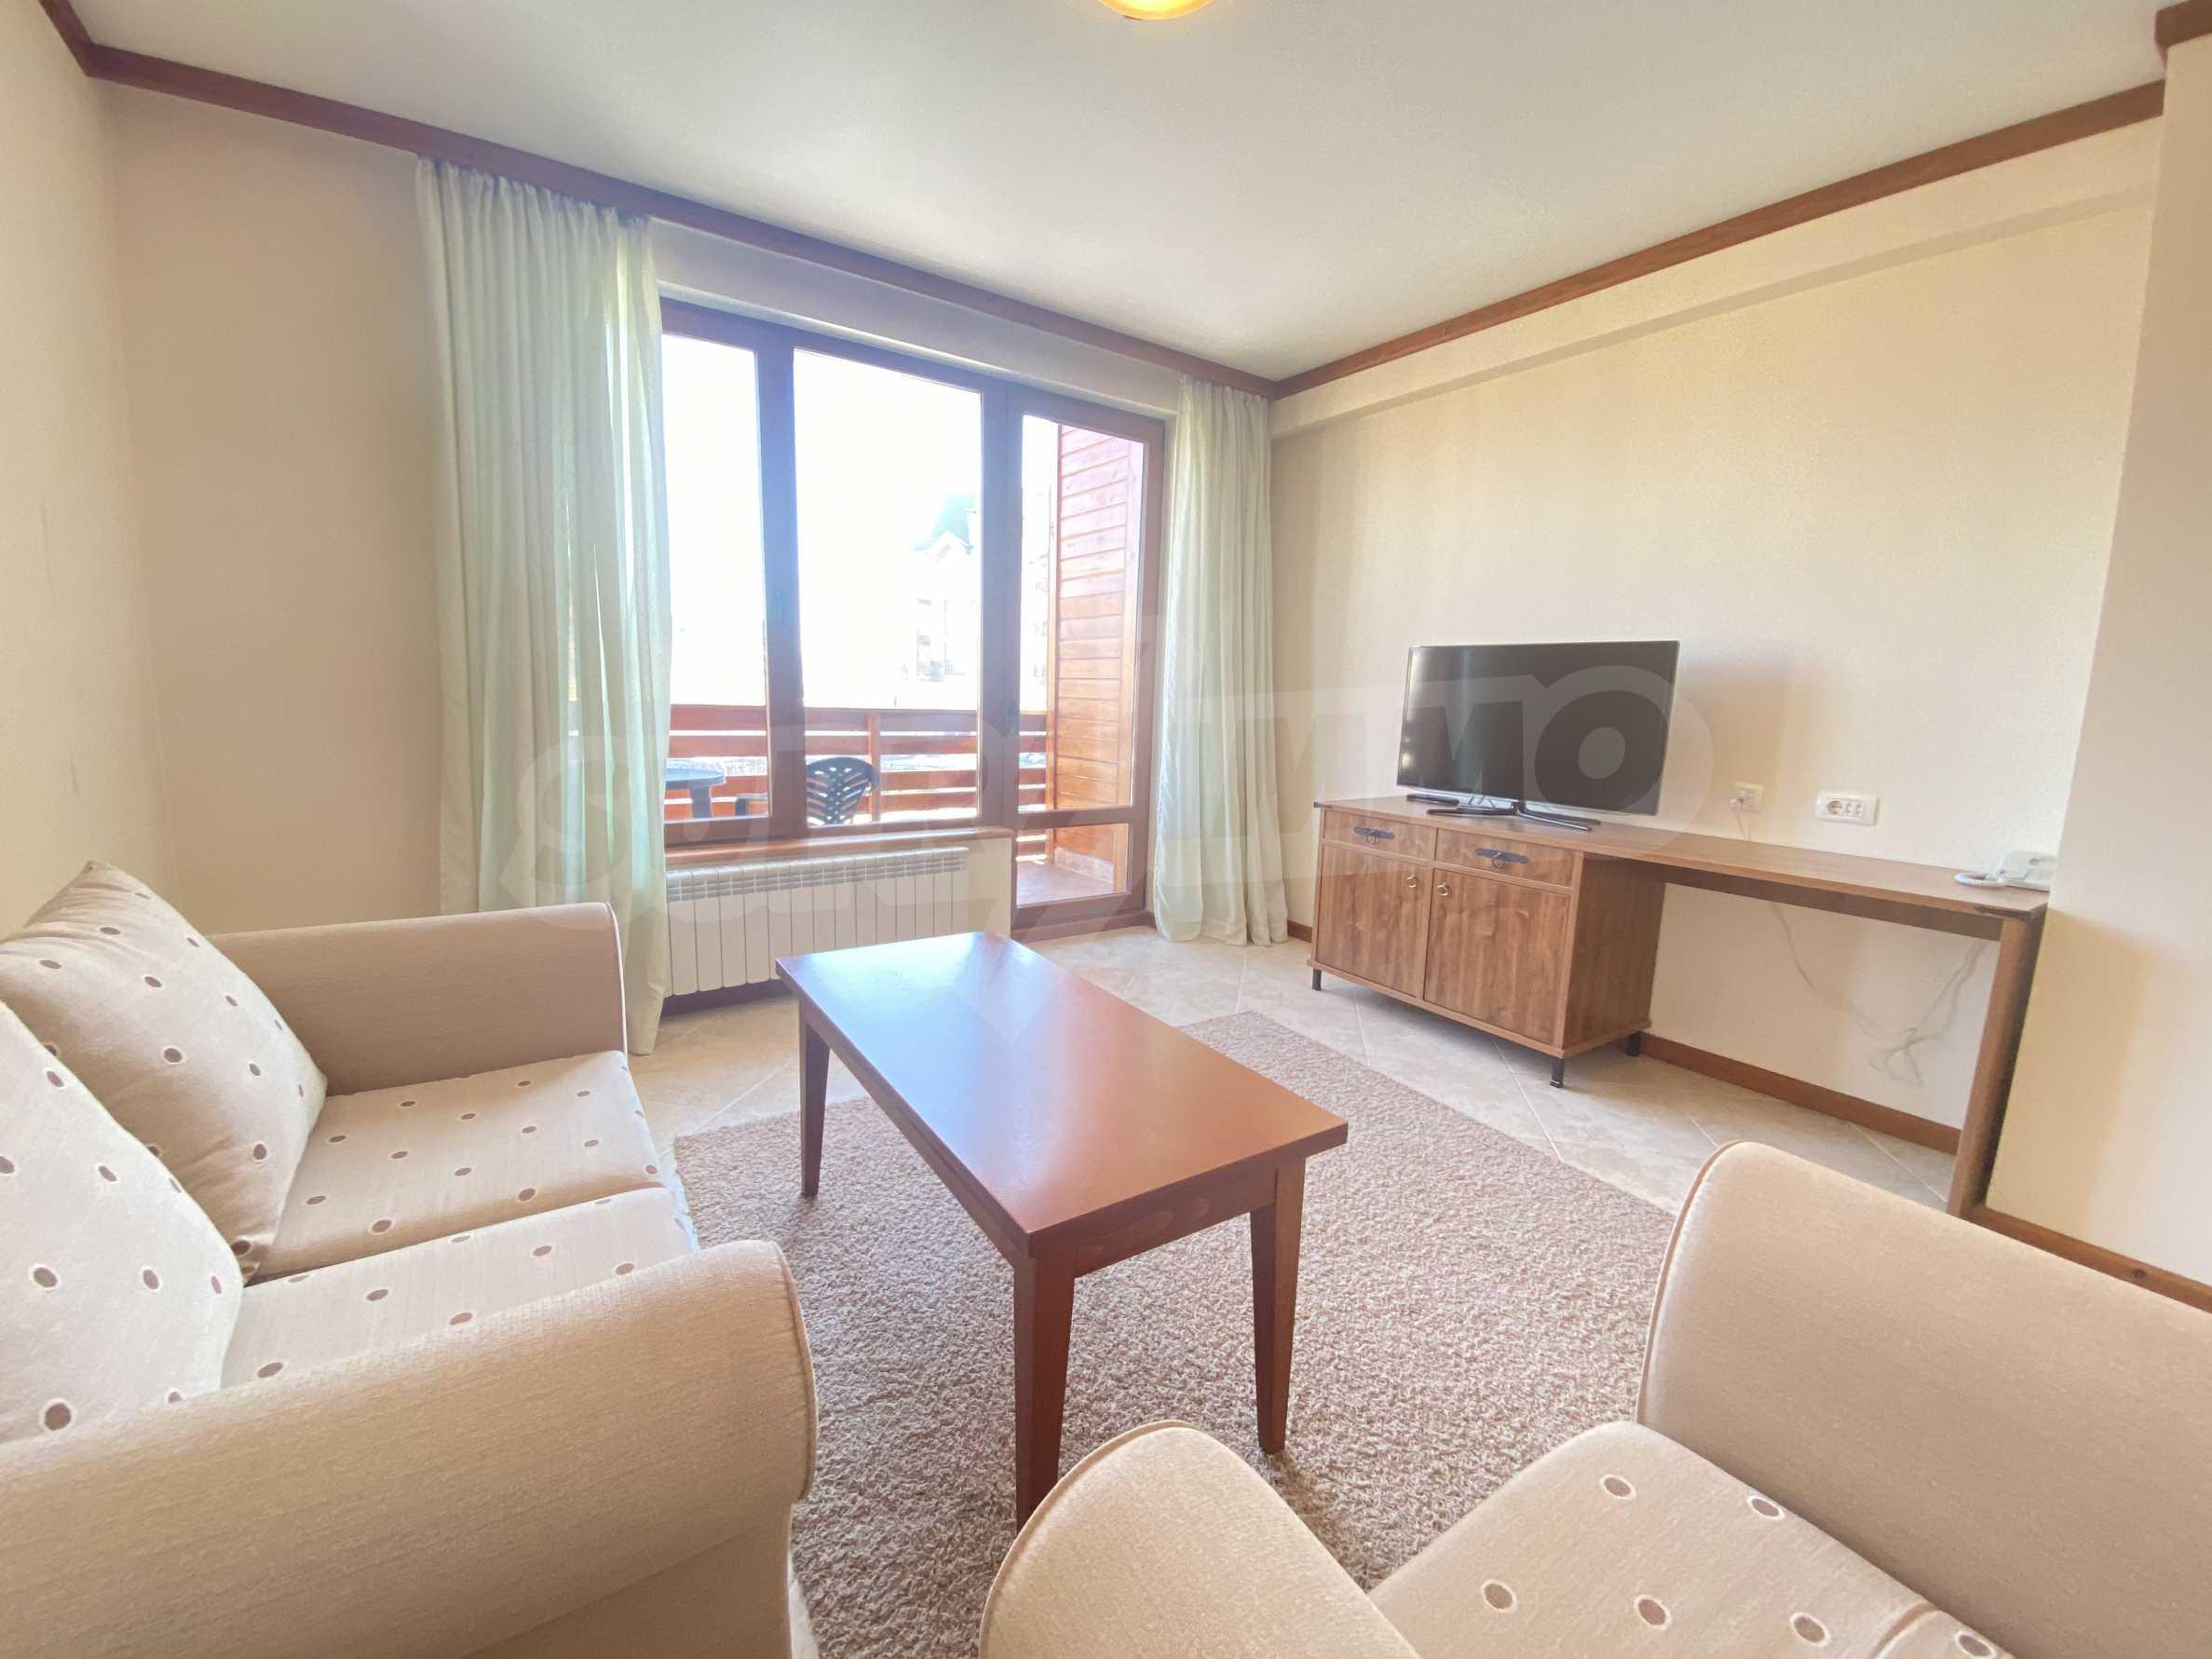 Обзаведен двустаен апартамент в луксозен СПА комплекс в Банско 4